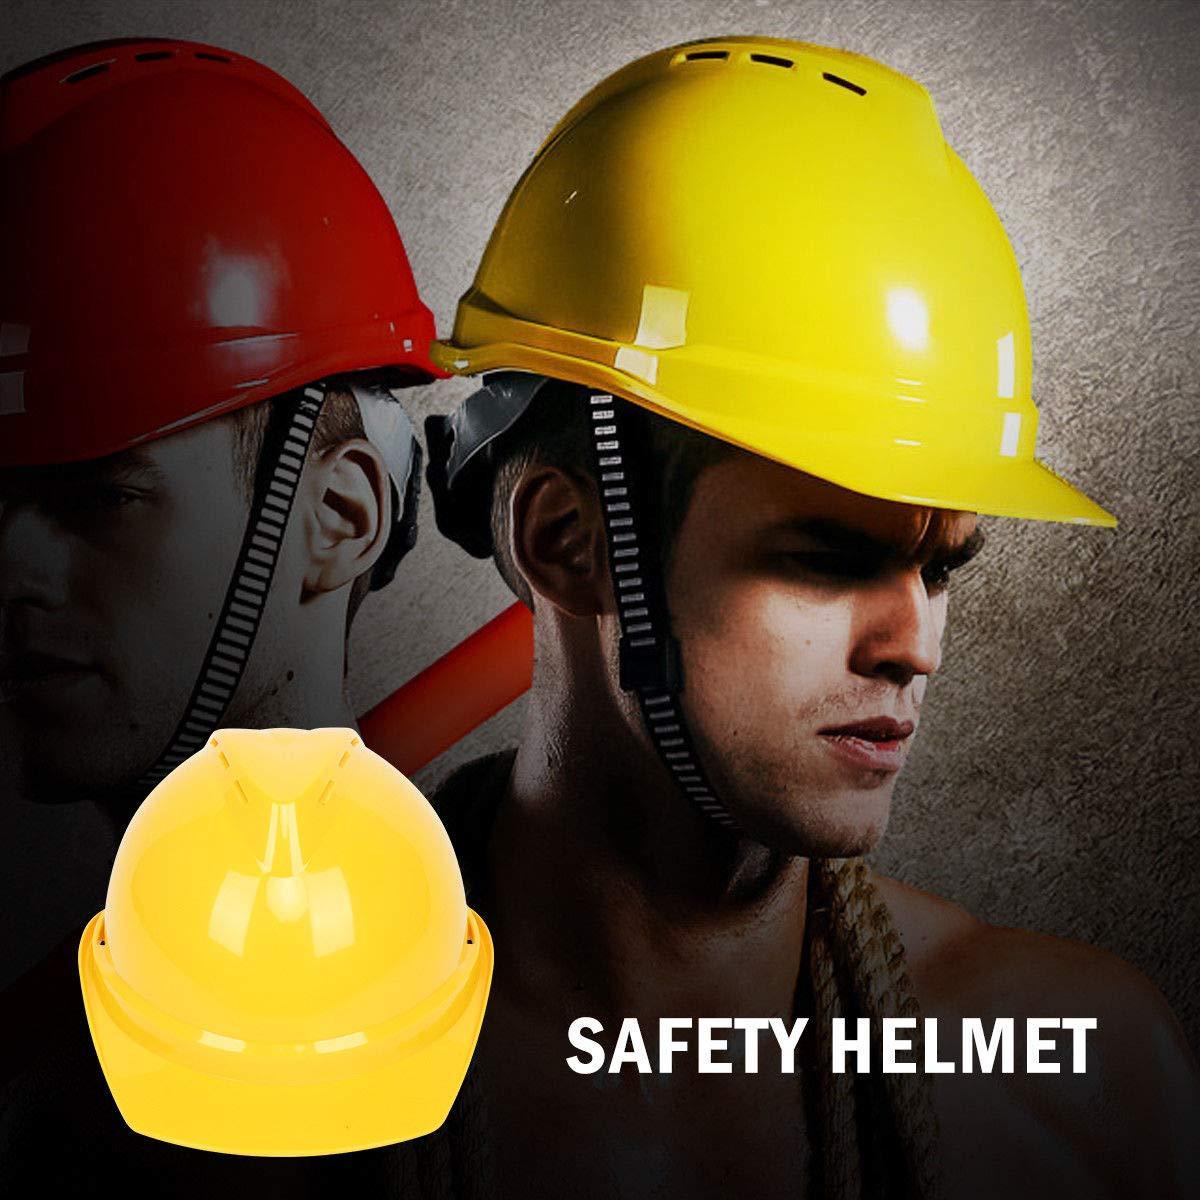 Casco de seguridad para sombrero duro unisex ingenieros rueda de bloqueo de giro con ventilaci/ón para gu/ía MASO EN397 potencias arquitecto escalera 5 colores blanco 4 puntos